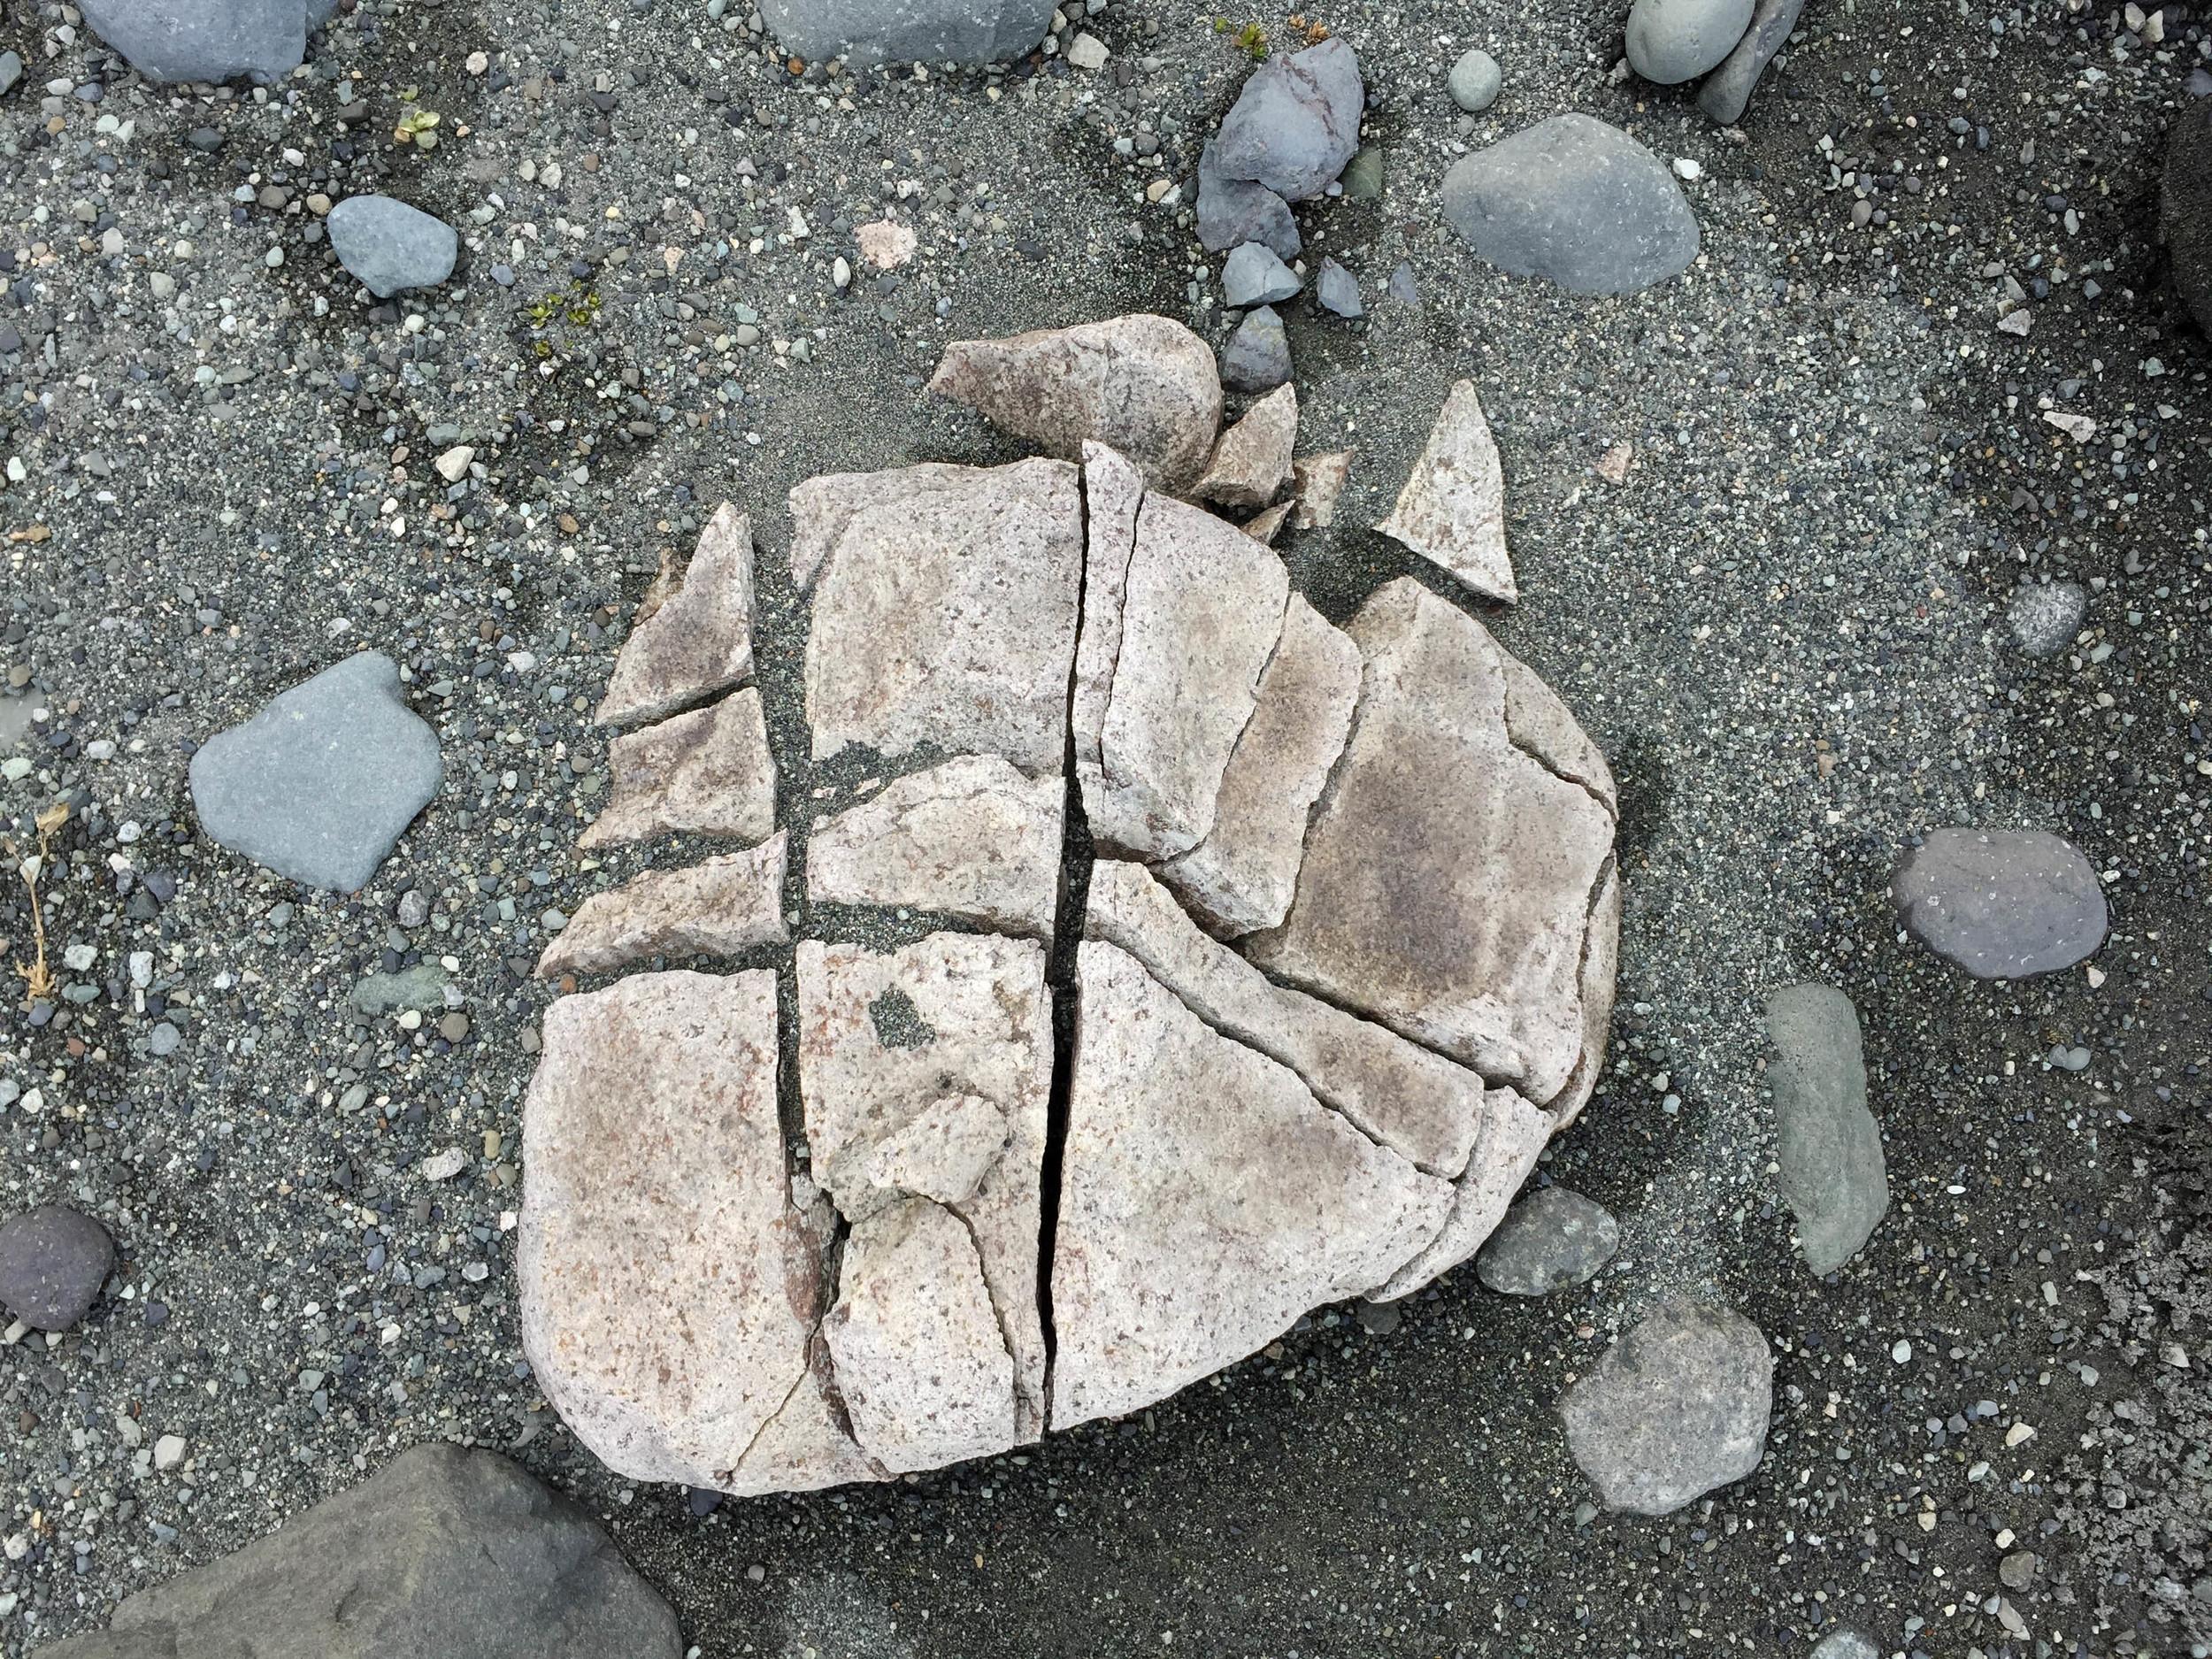 glacier_rock-38.jpg